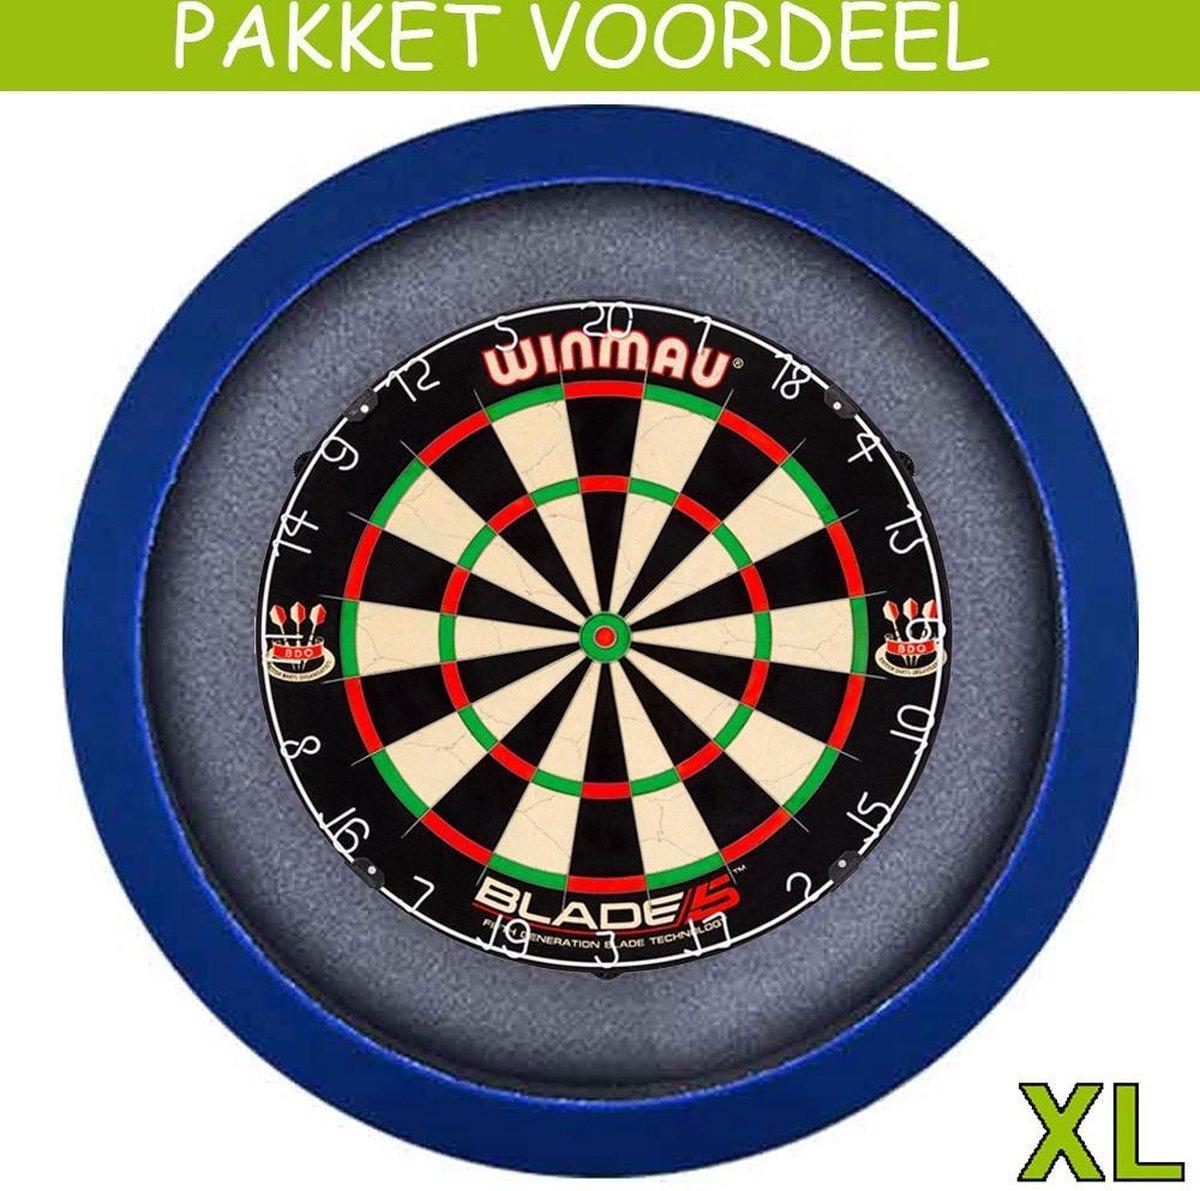 Dartbord Verlichting Voordeelpakket Pro + Blade 5 + Dartbordverlichting Basic XL(Blauw)